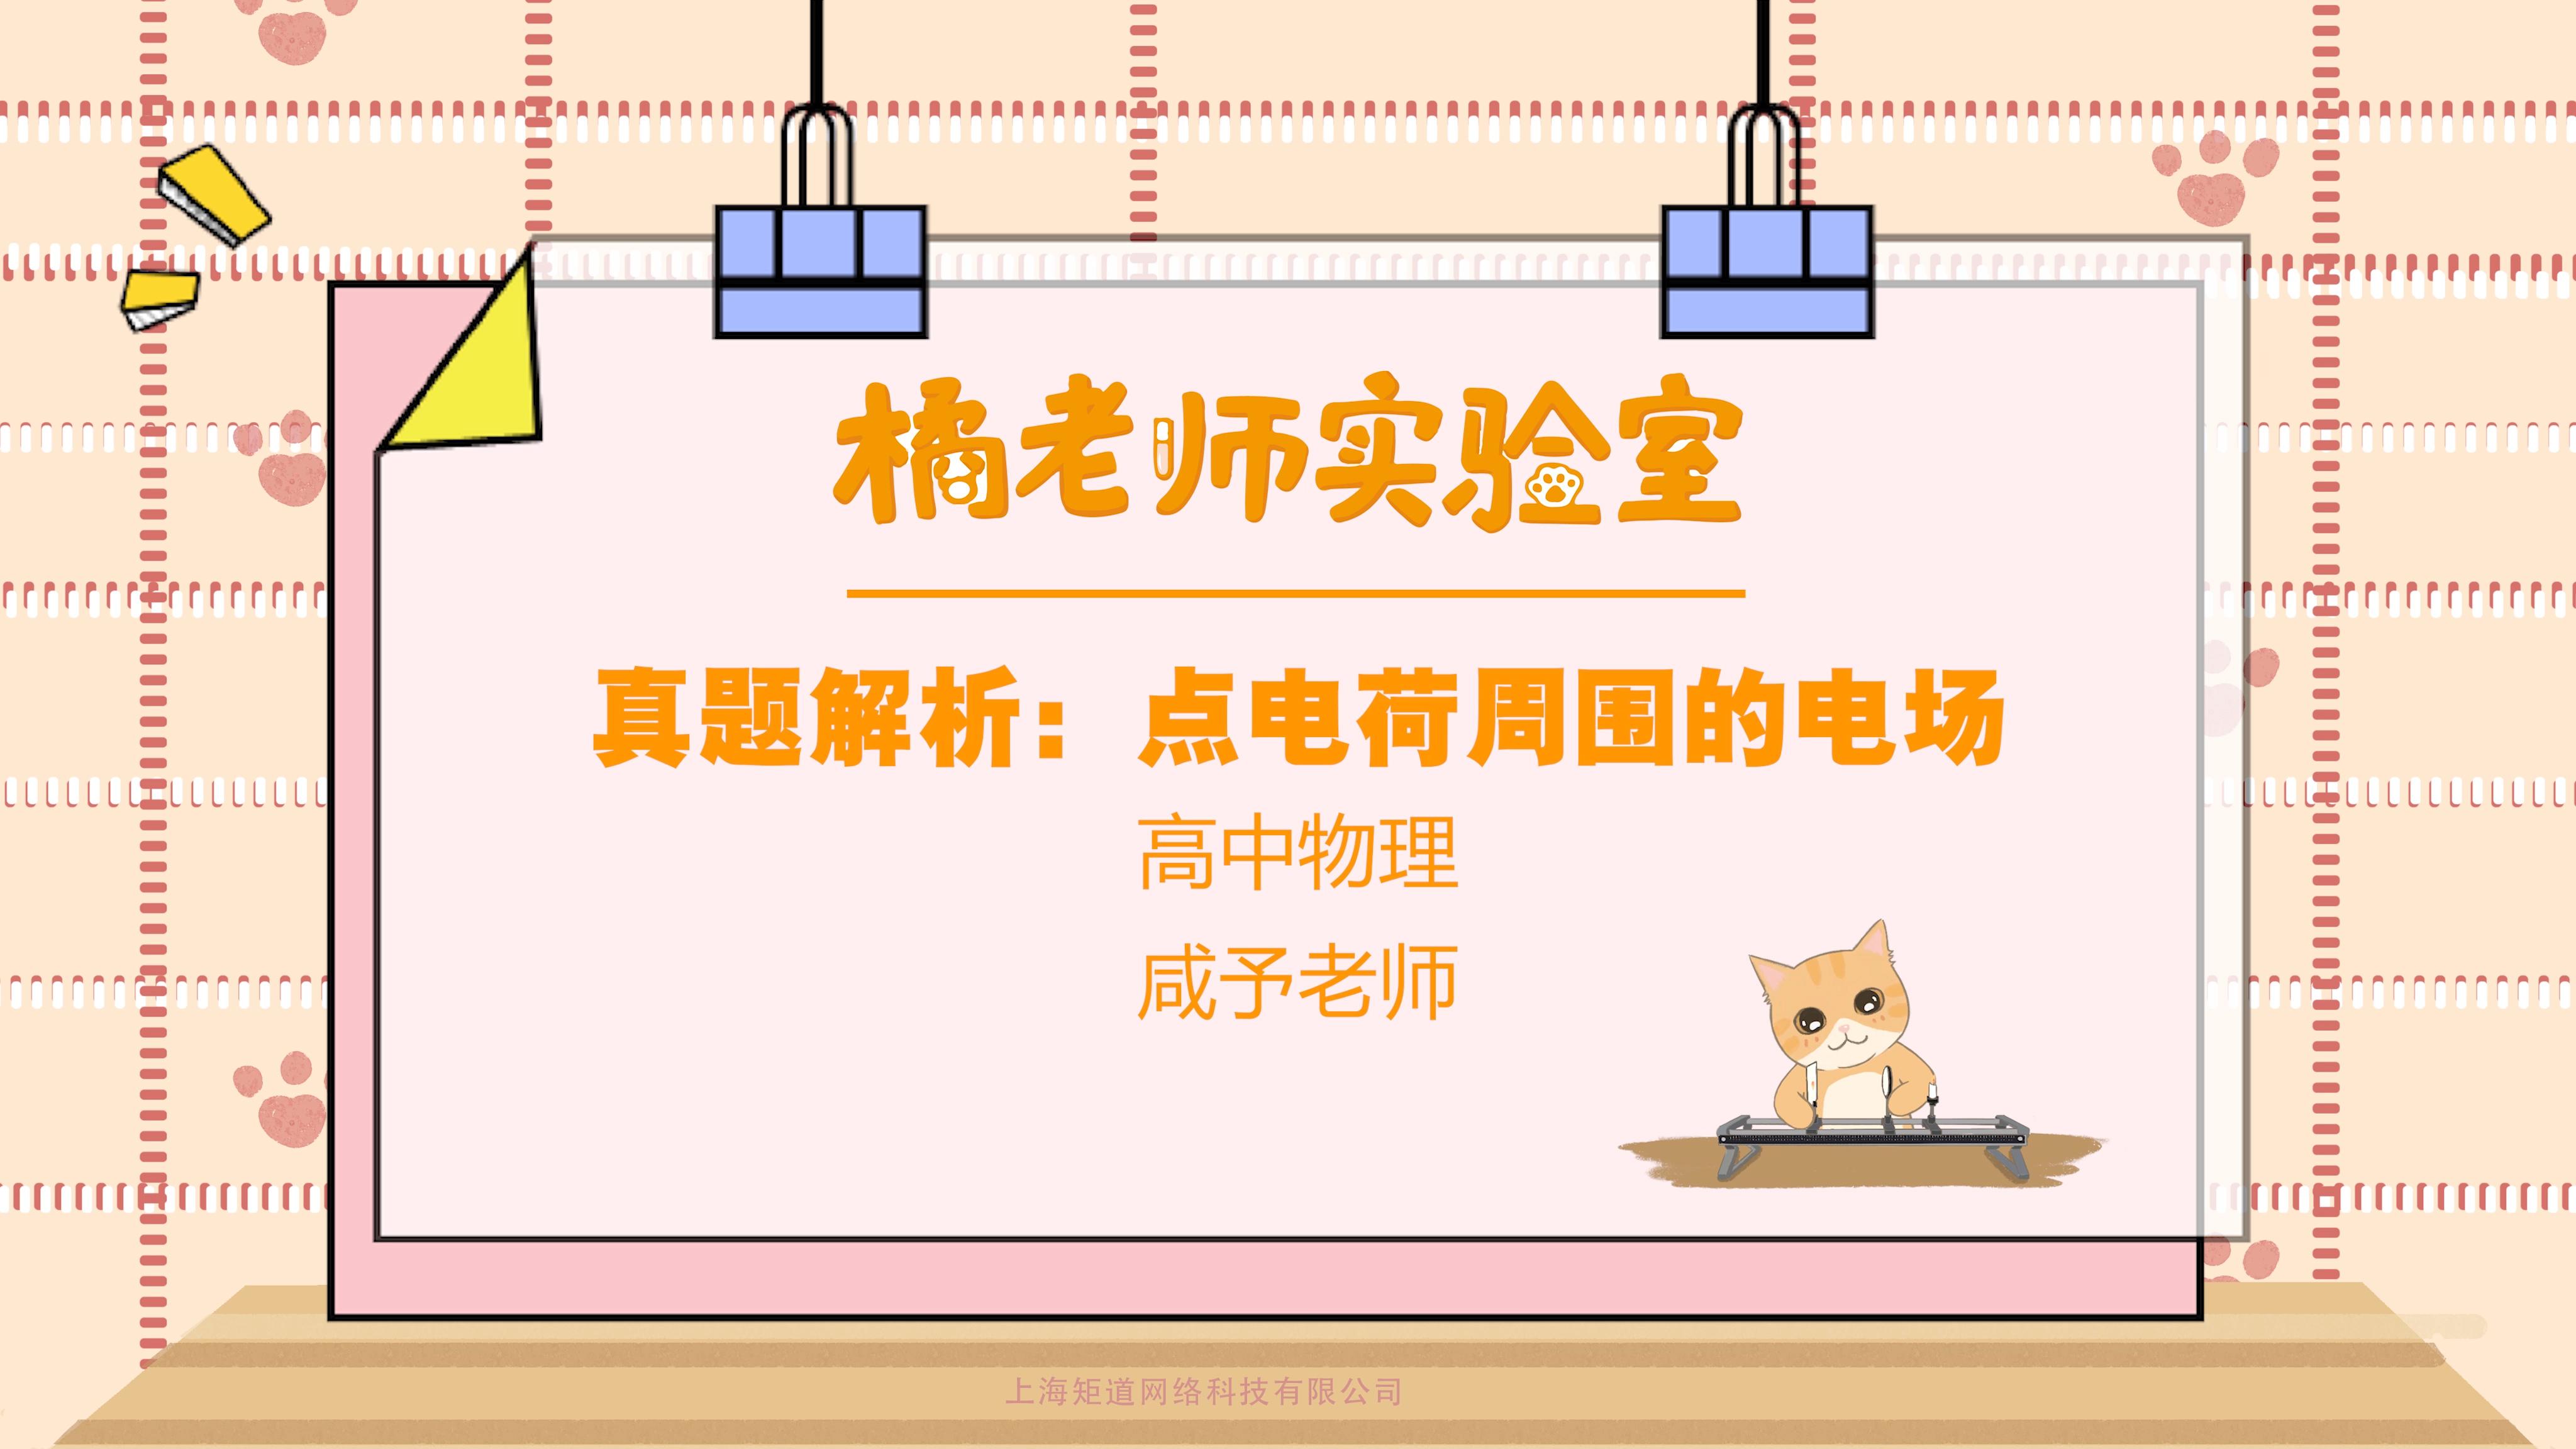 第一百五十期:《【高考】北京高考物理真题解析第17题》